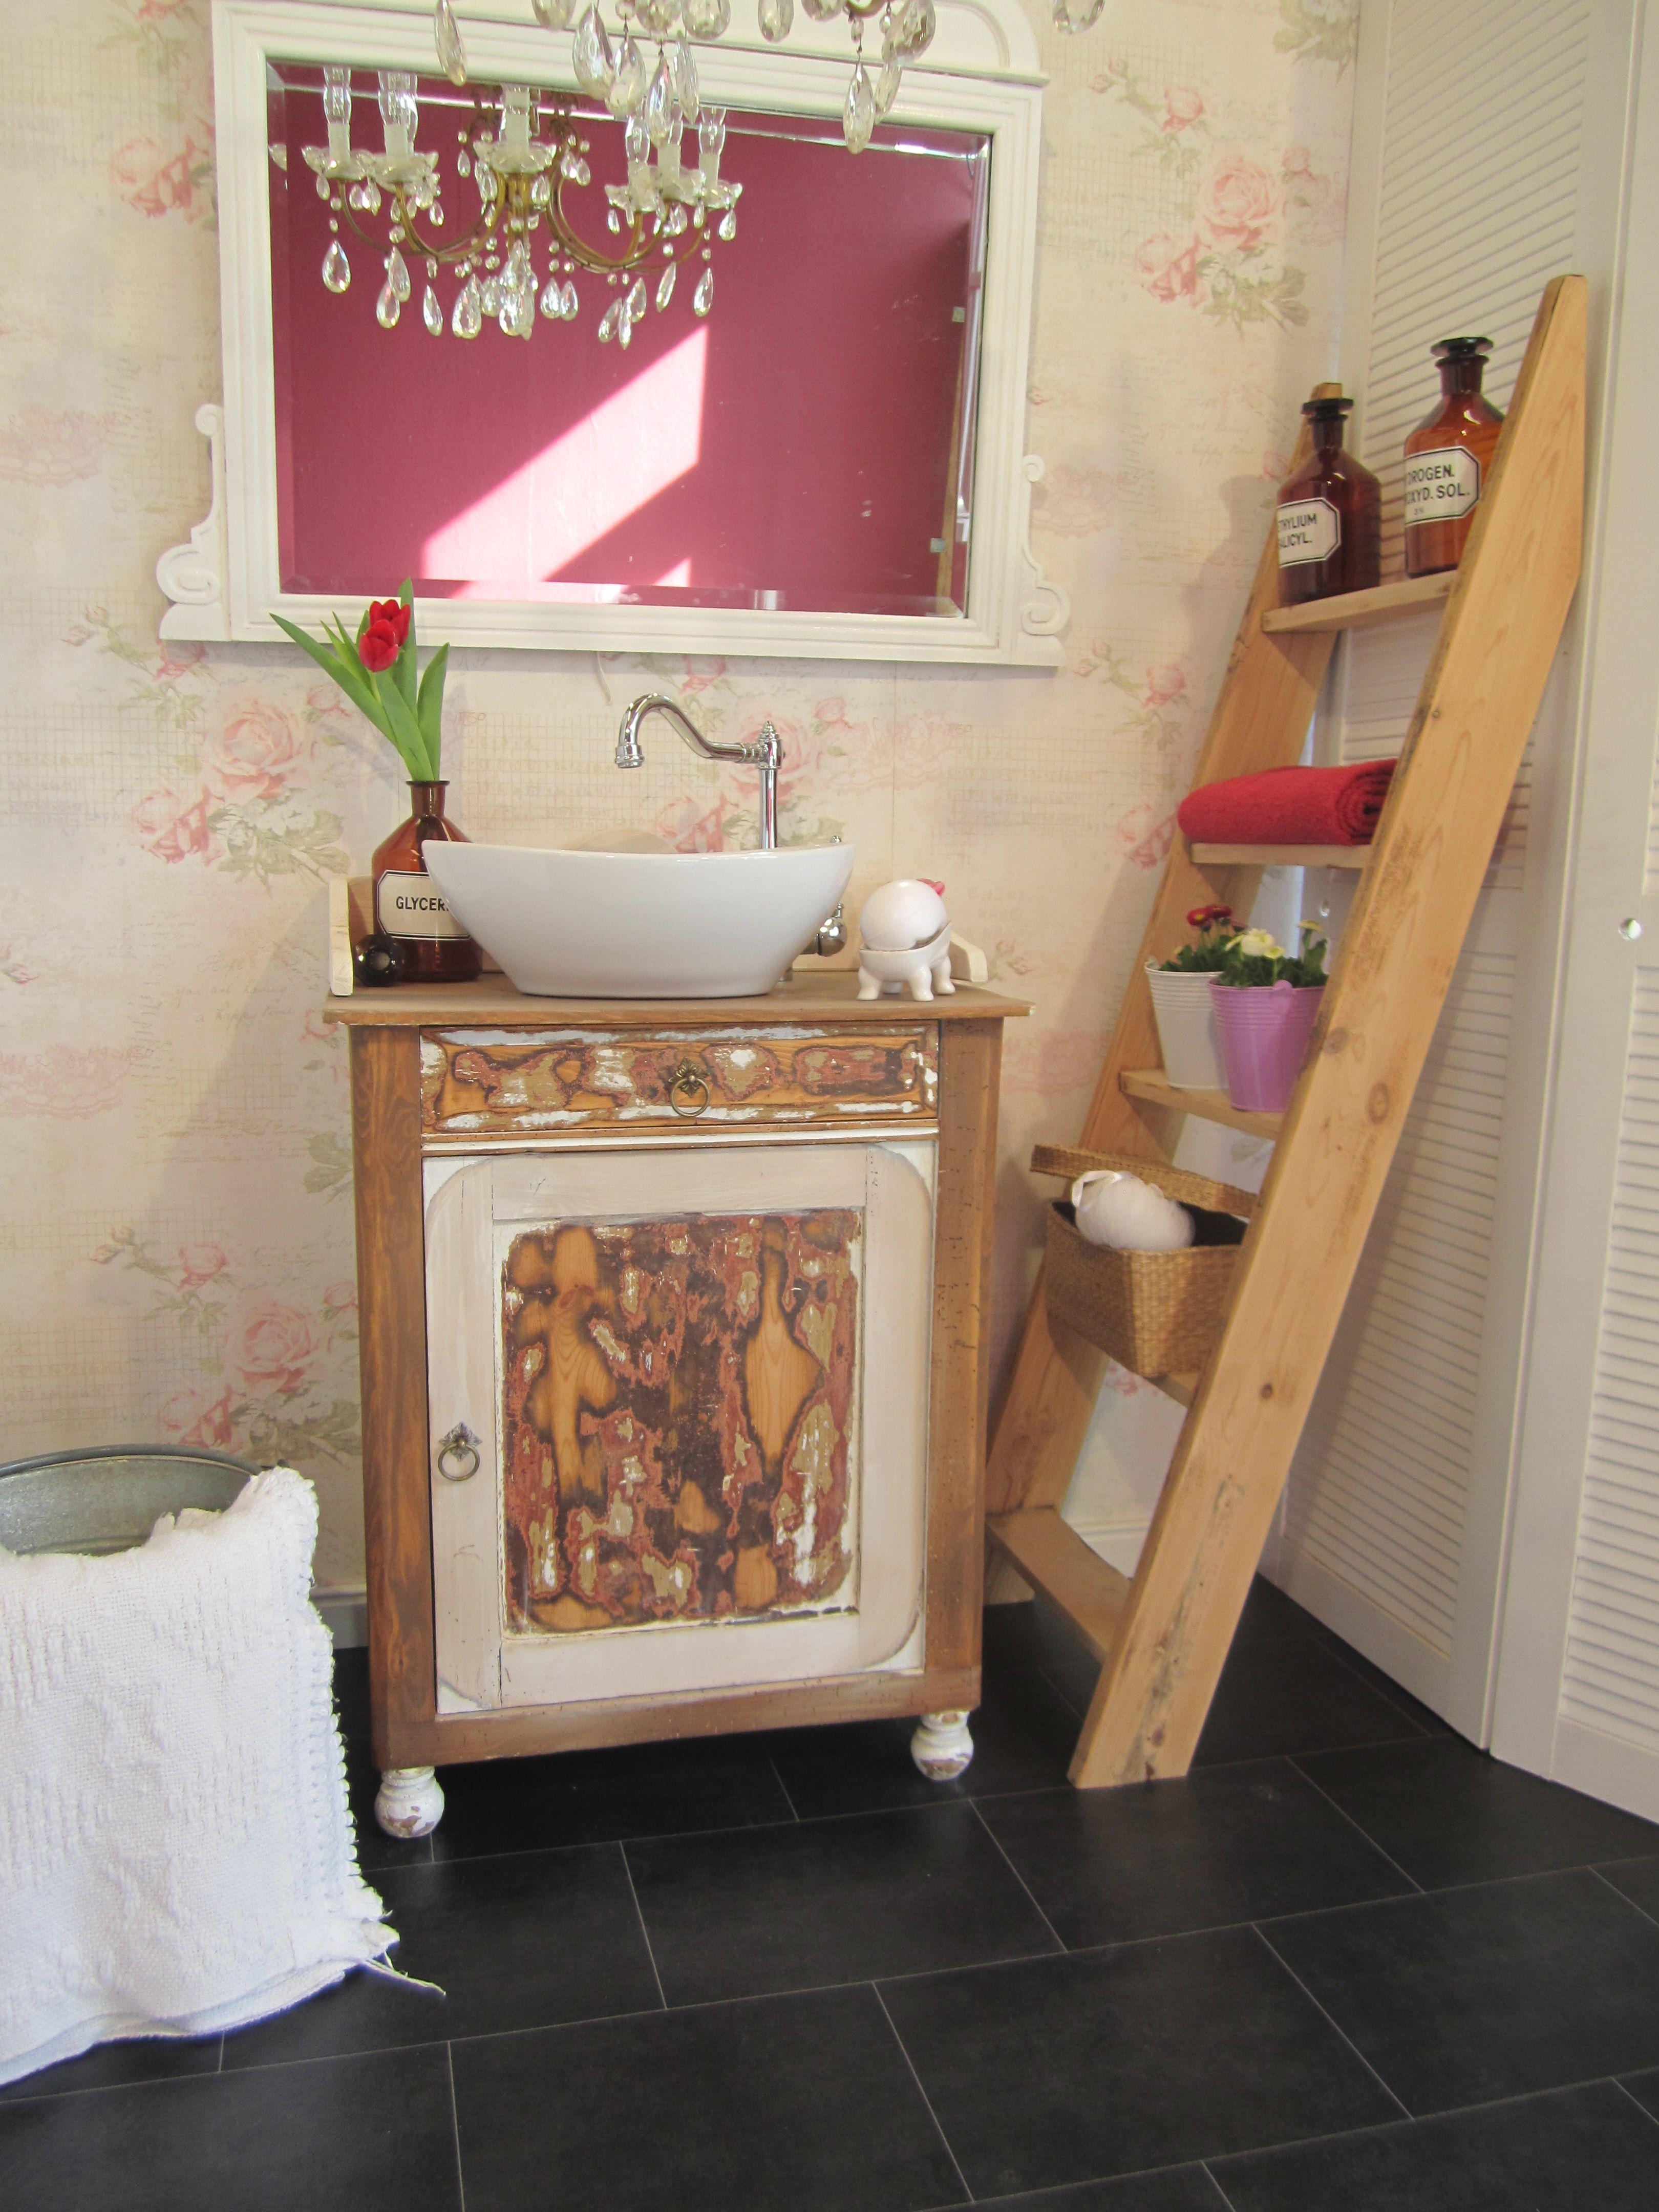 Badmobel Landhaus Ein Waschtisch Shabby Chic Der Besonderen Art Ist Let It Be Die Geradlinige Form Dieses Wasch Waschtisch Klein Waschtisch Schabby Schick